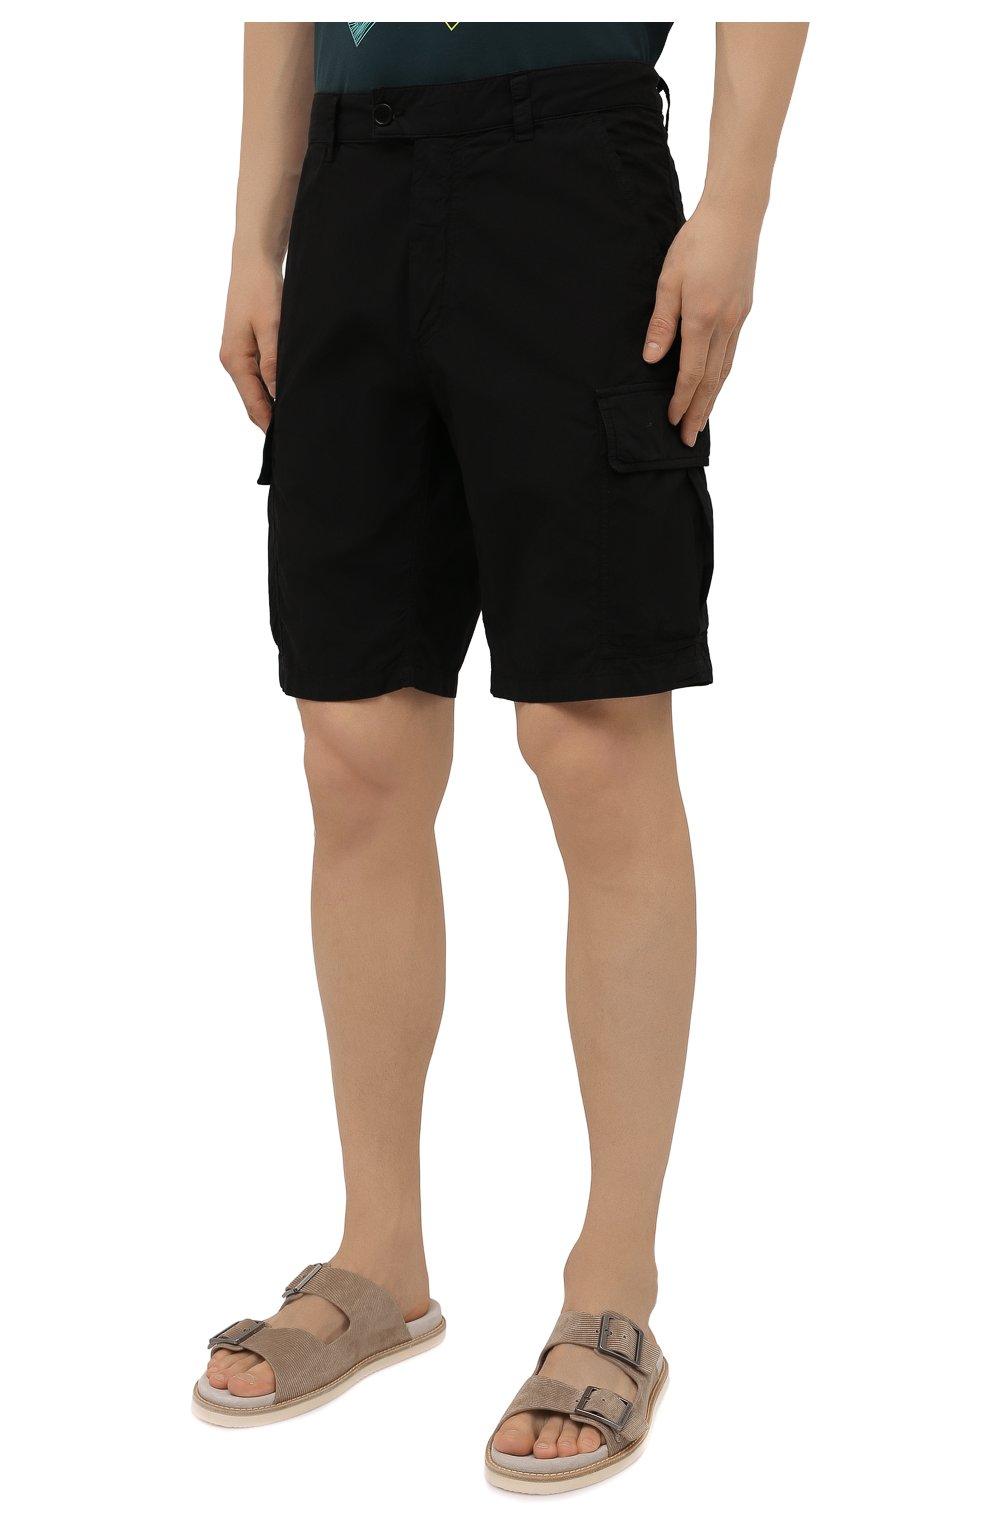 Мужские хлопковые шорты ASPESI черного цвета, арт. S1 A CQ31 G329 | Фото 3 (Мужское Кросс-КТ: Шорты-одежда; Длина Шорты М: До колена; Принт: Без принта; Материал внешний: Хлопок; Стили: Минимализм)